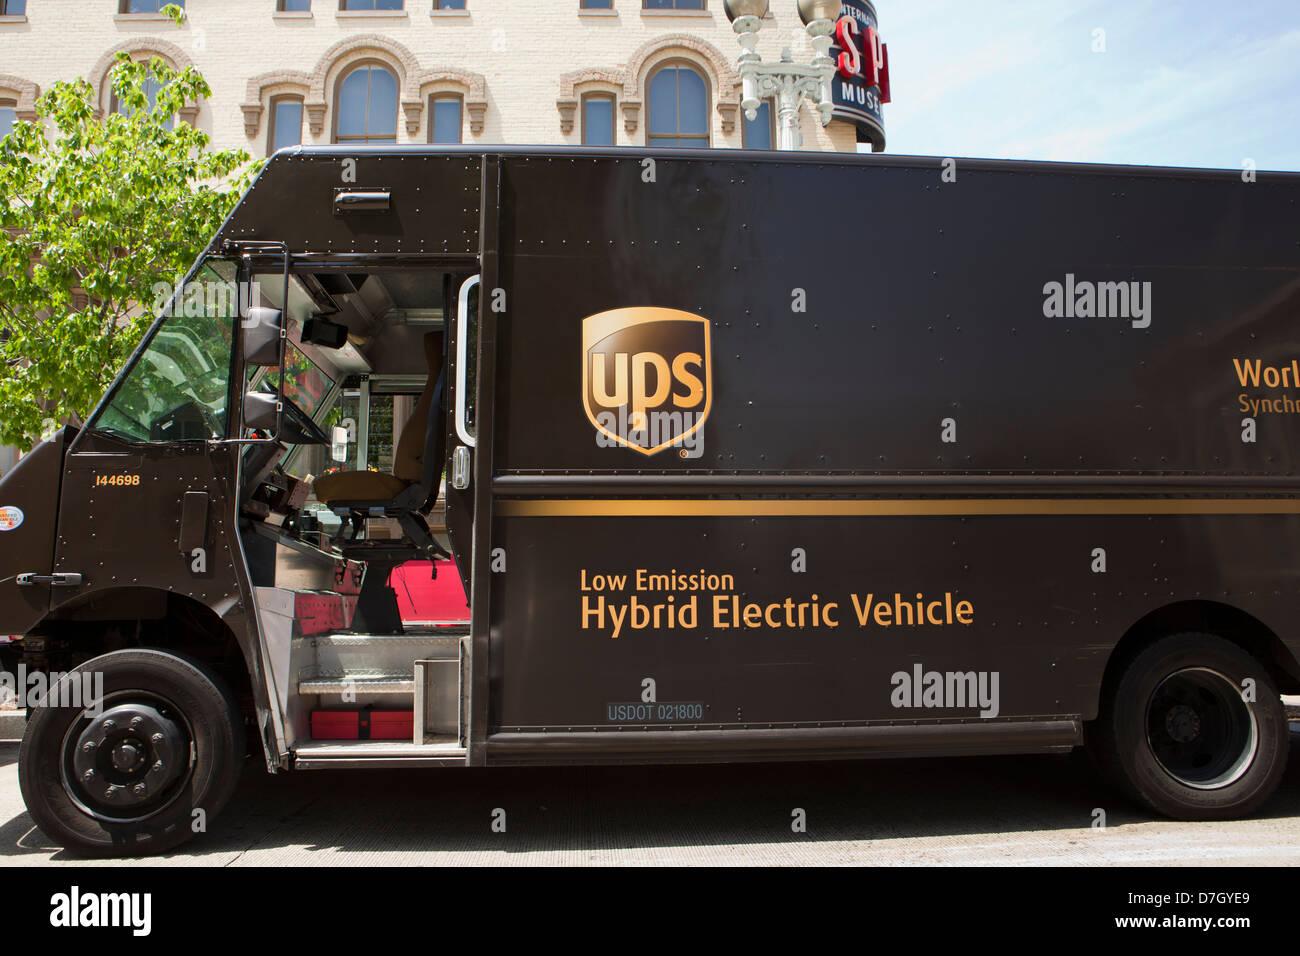 Onduleur électrique hybride à faible taux d'émission des camions de livraison Photo Stock